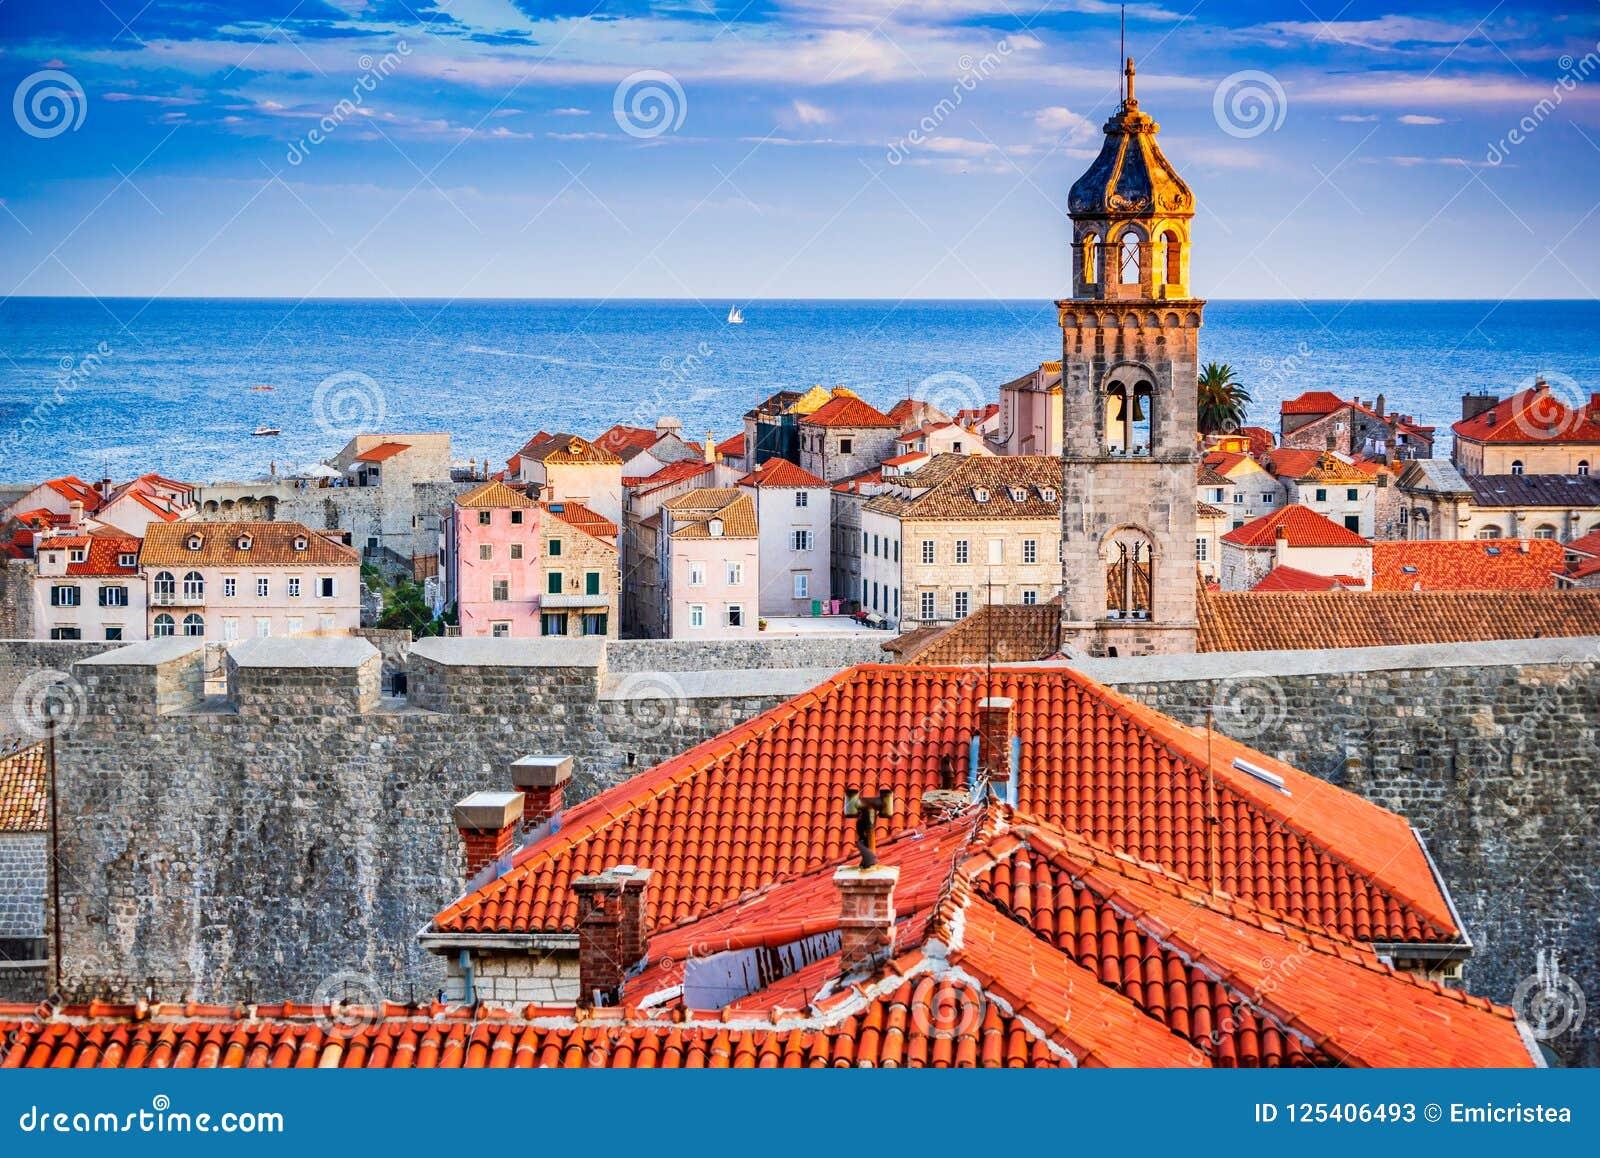 Dubrovnik Chorwacja, Dalmatia, - wybrzeże,